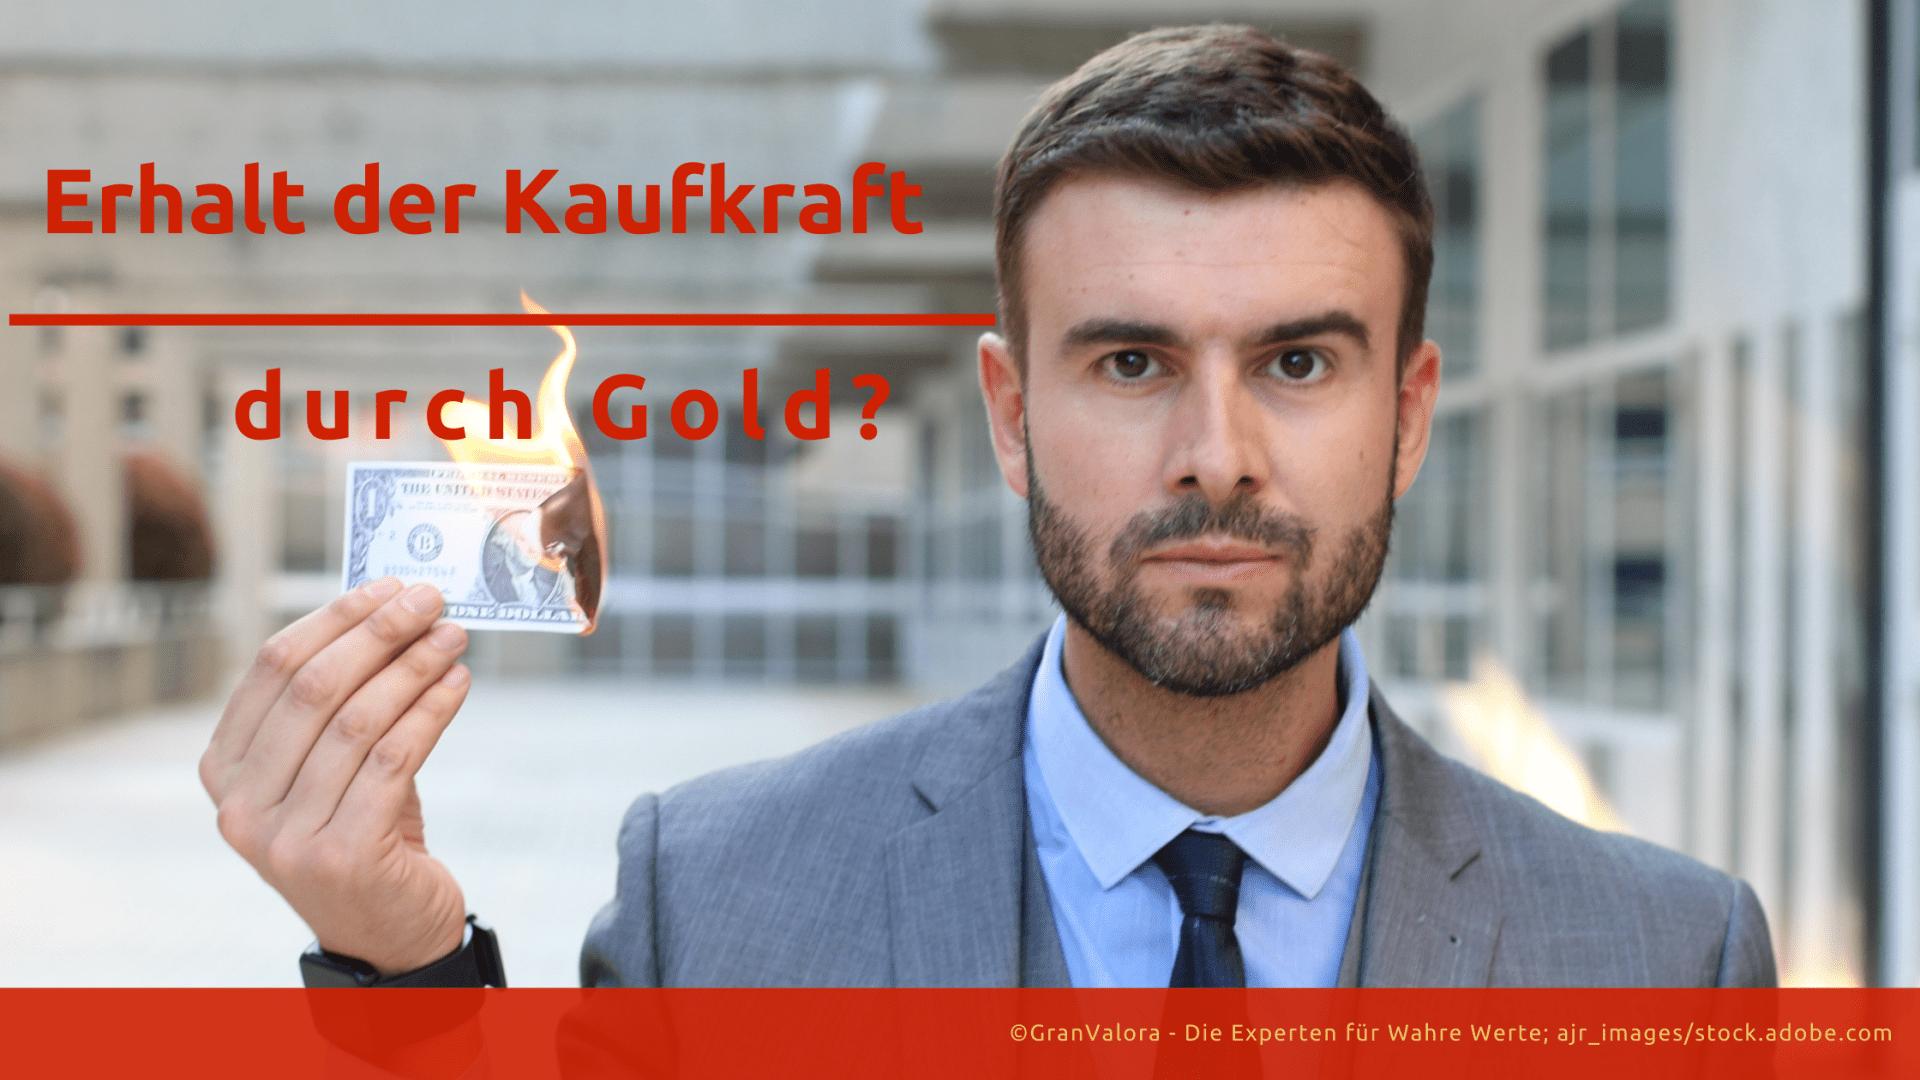 Über Inflationsverluste und Kaufkrafterhalt mit Gold